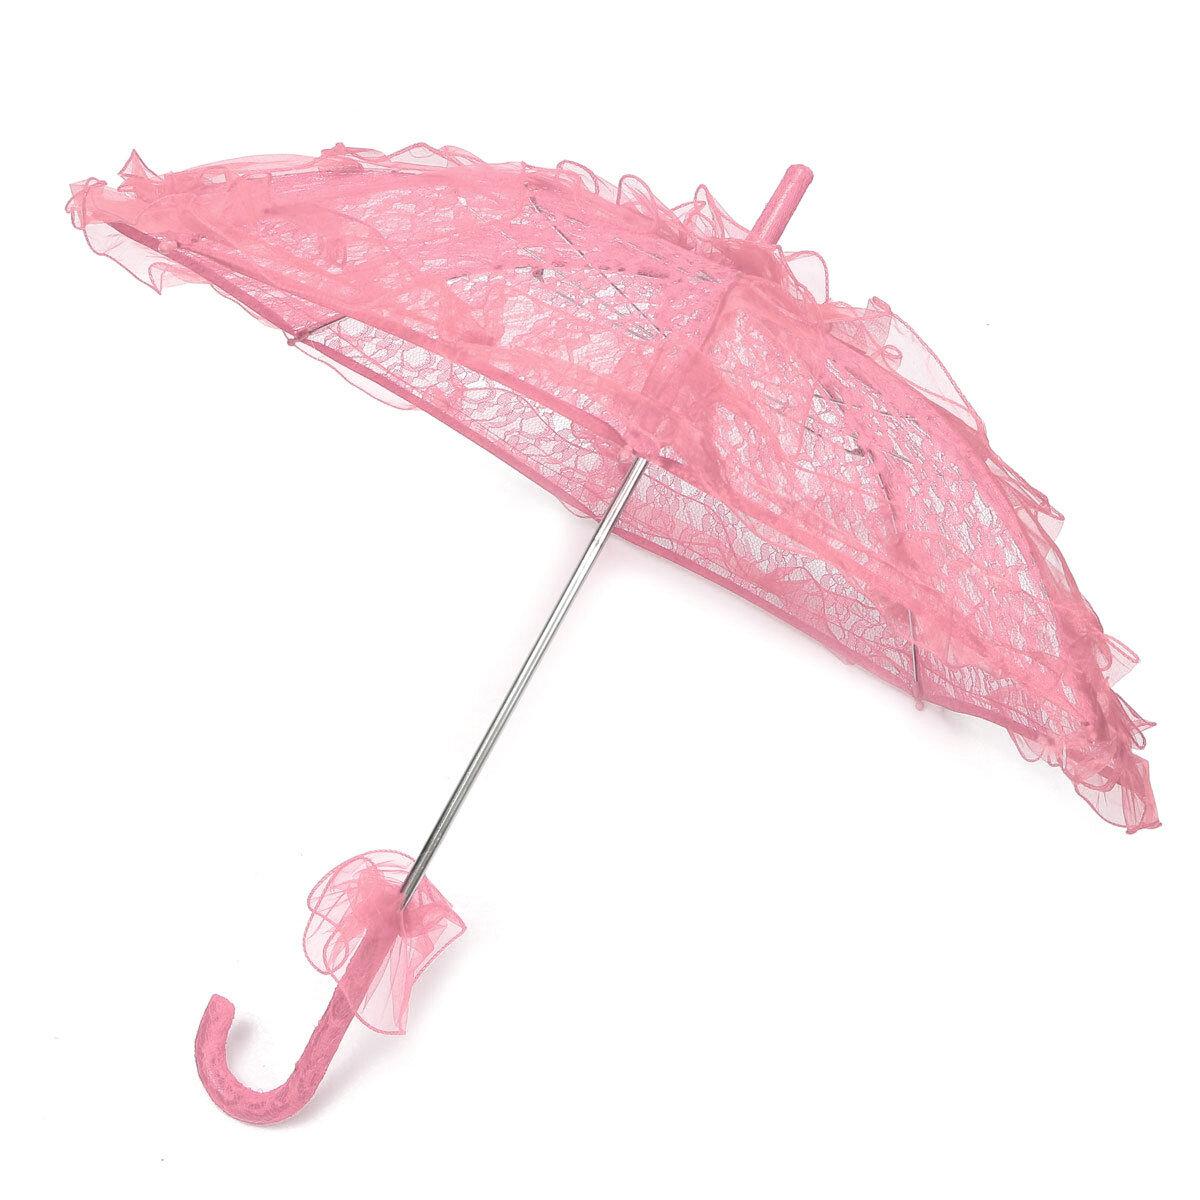 Bride Handmade Flower Girls Battenburg Lace Parasol Wedding Party Sun Umbrella